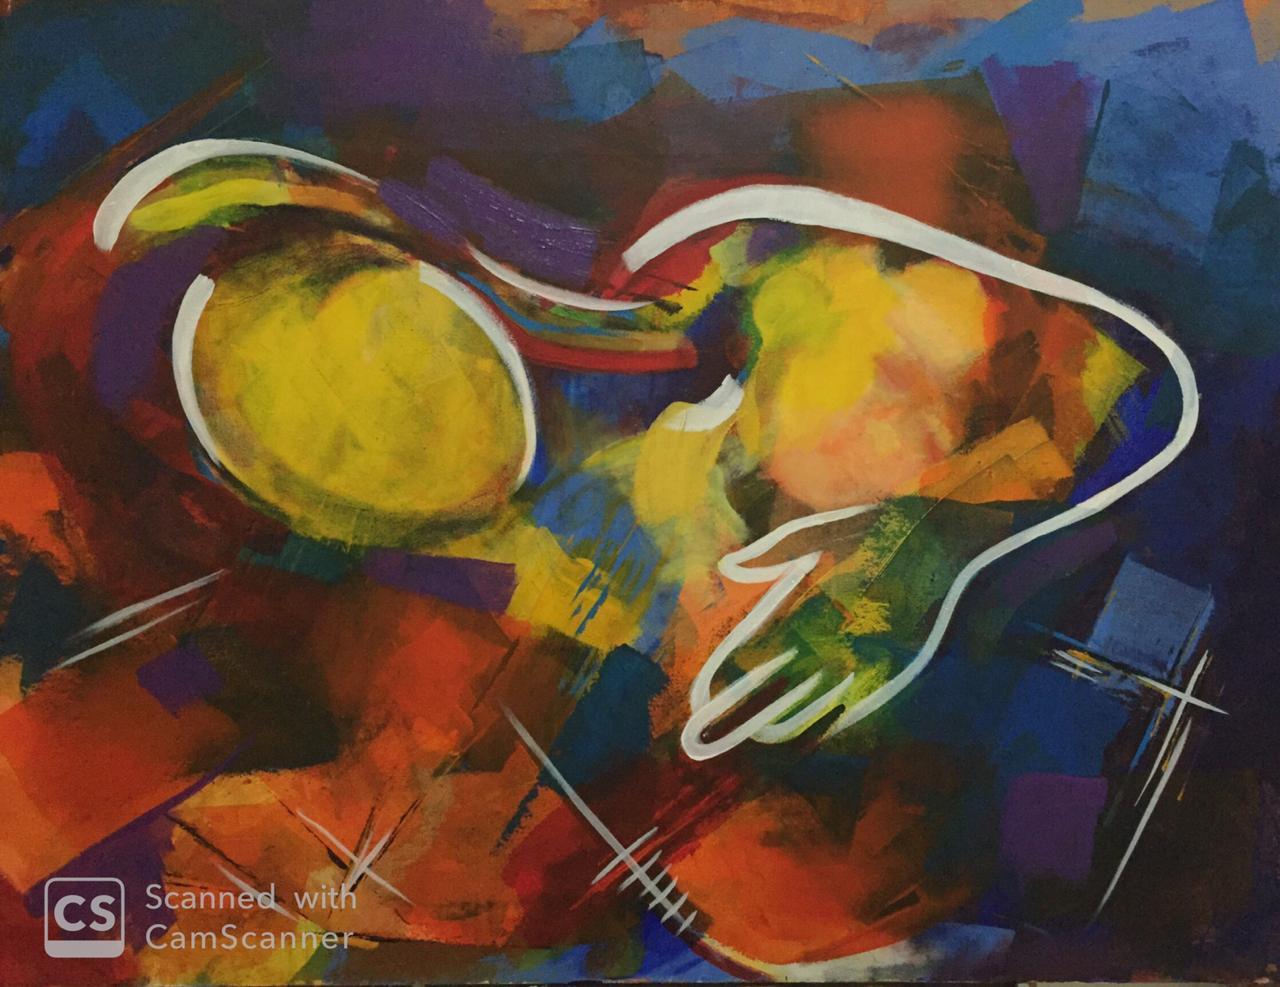 عمل فنى بمعرض هوى للدكتور هانى عبدالبديع (14)